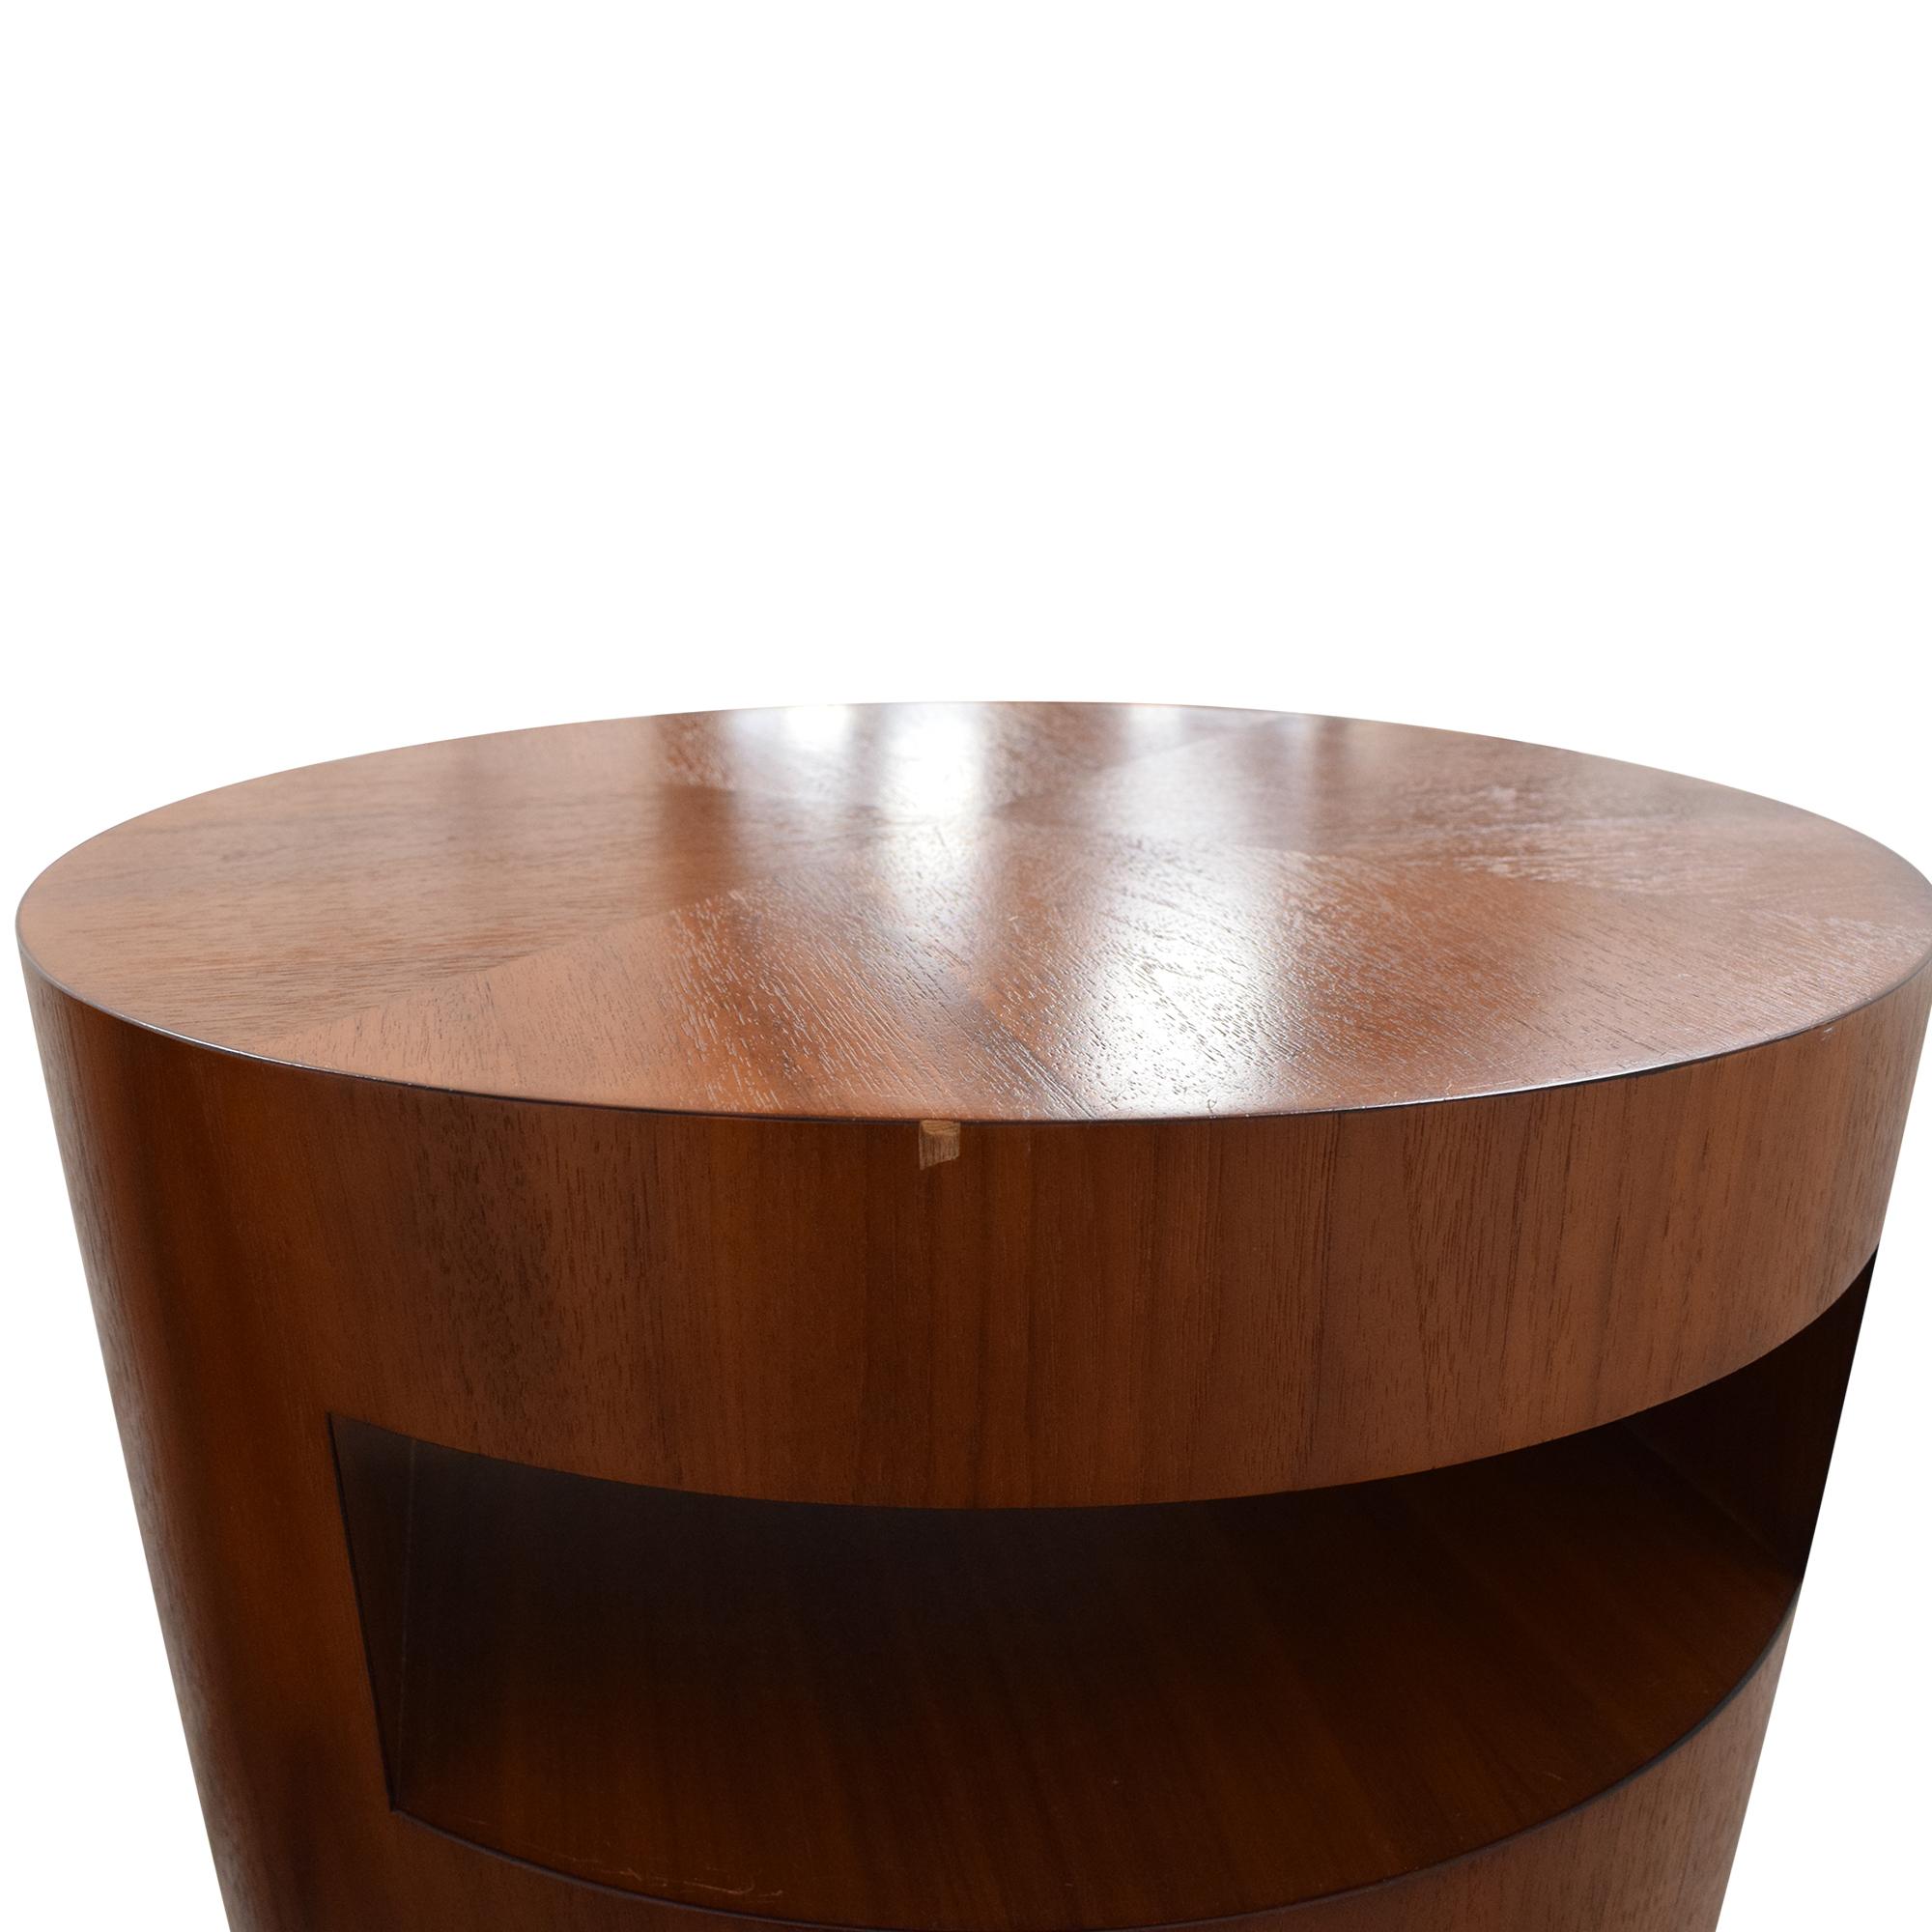 Crate & Barrel Crate & Barrel Tambe End Tables nj